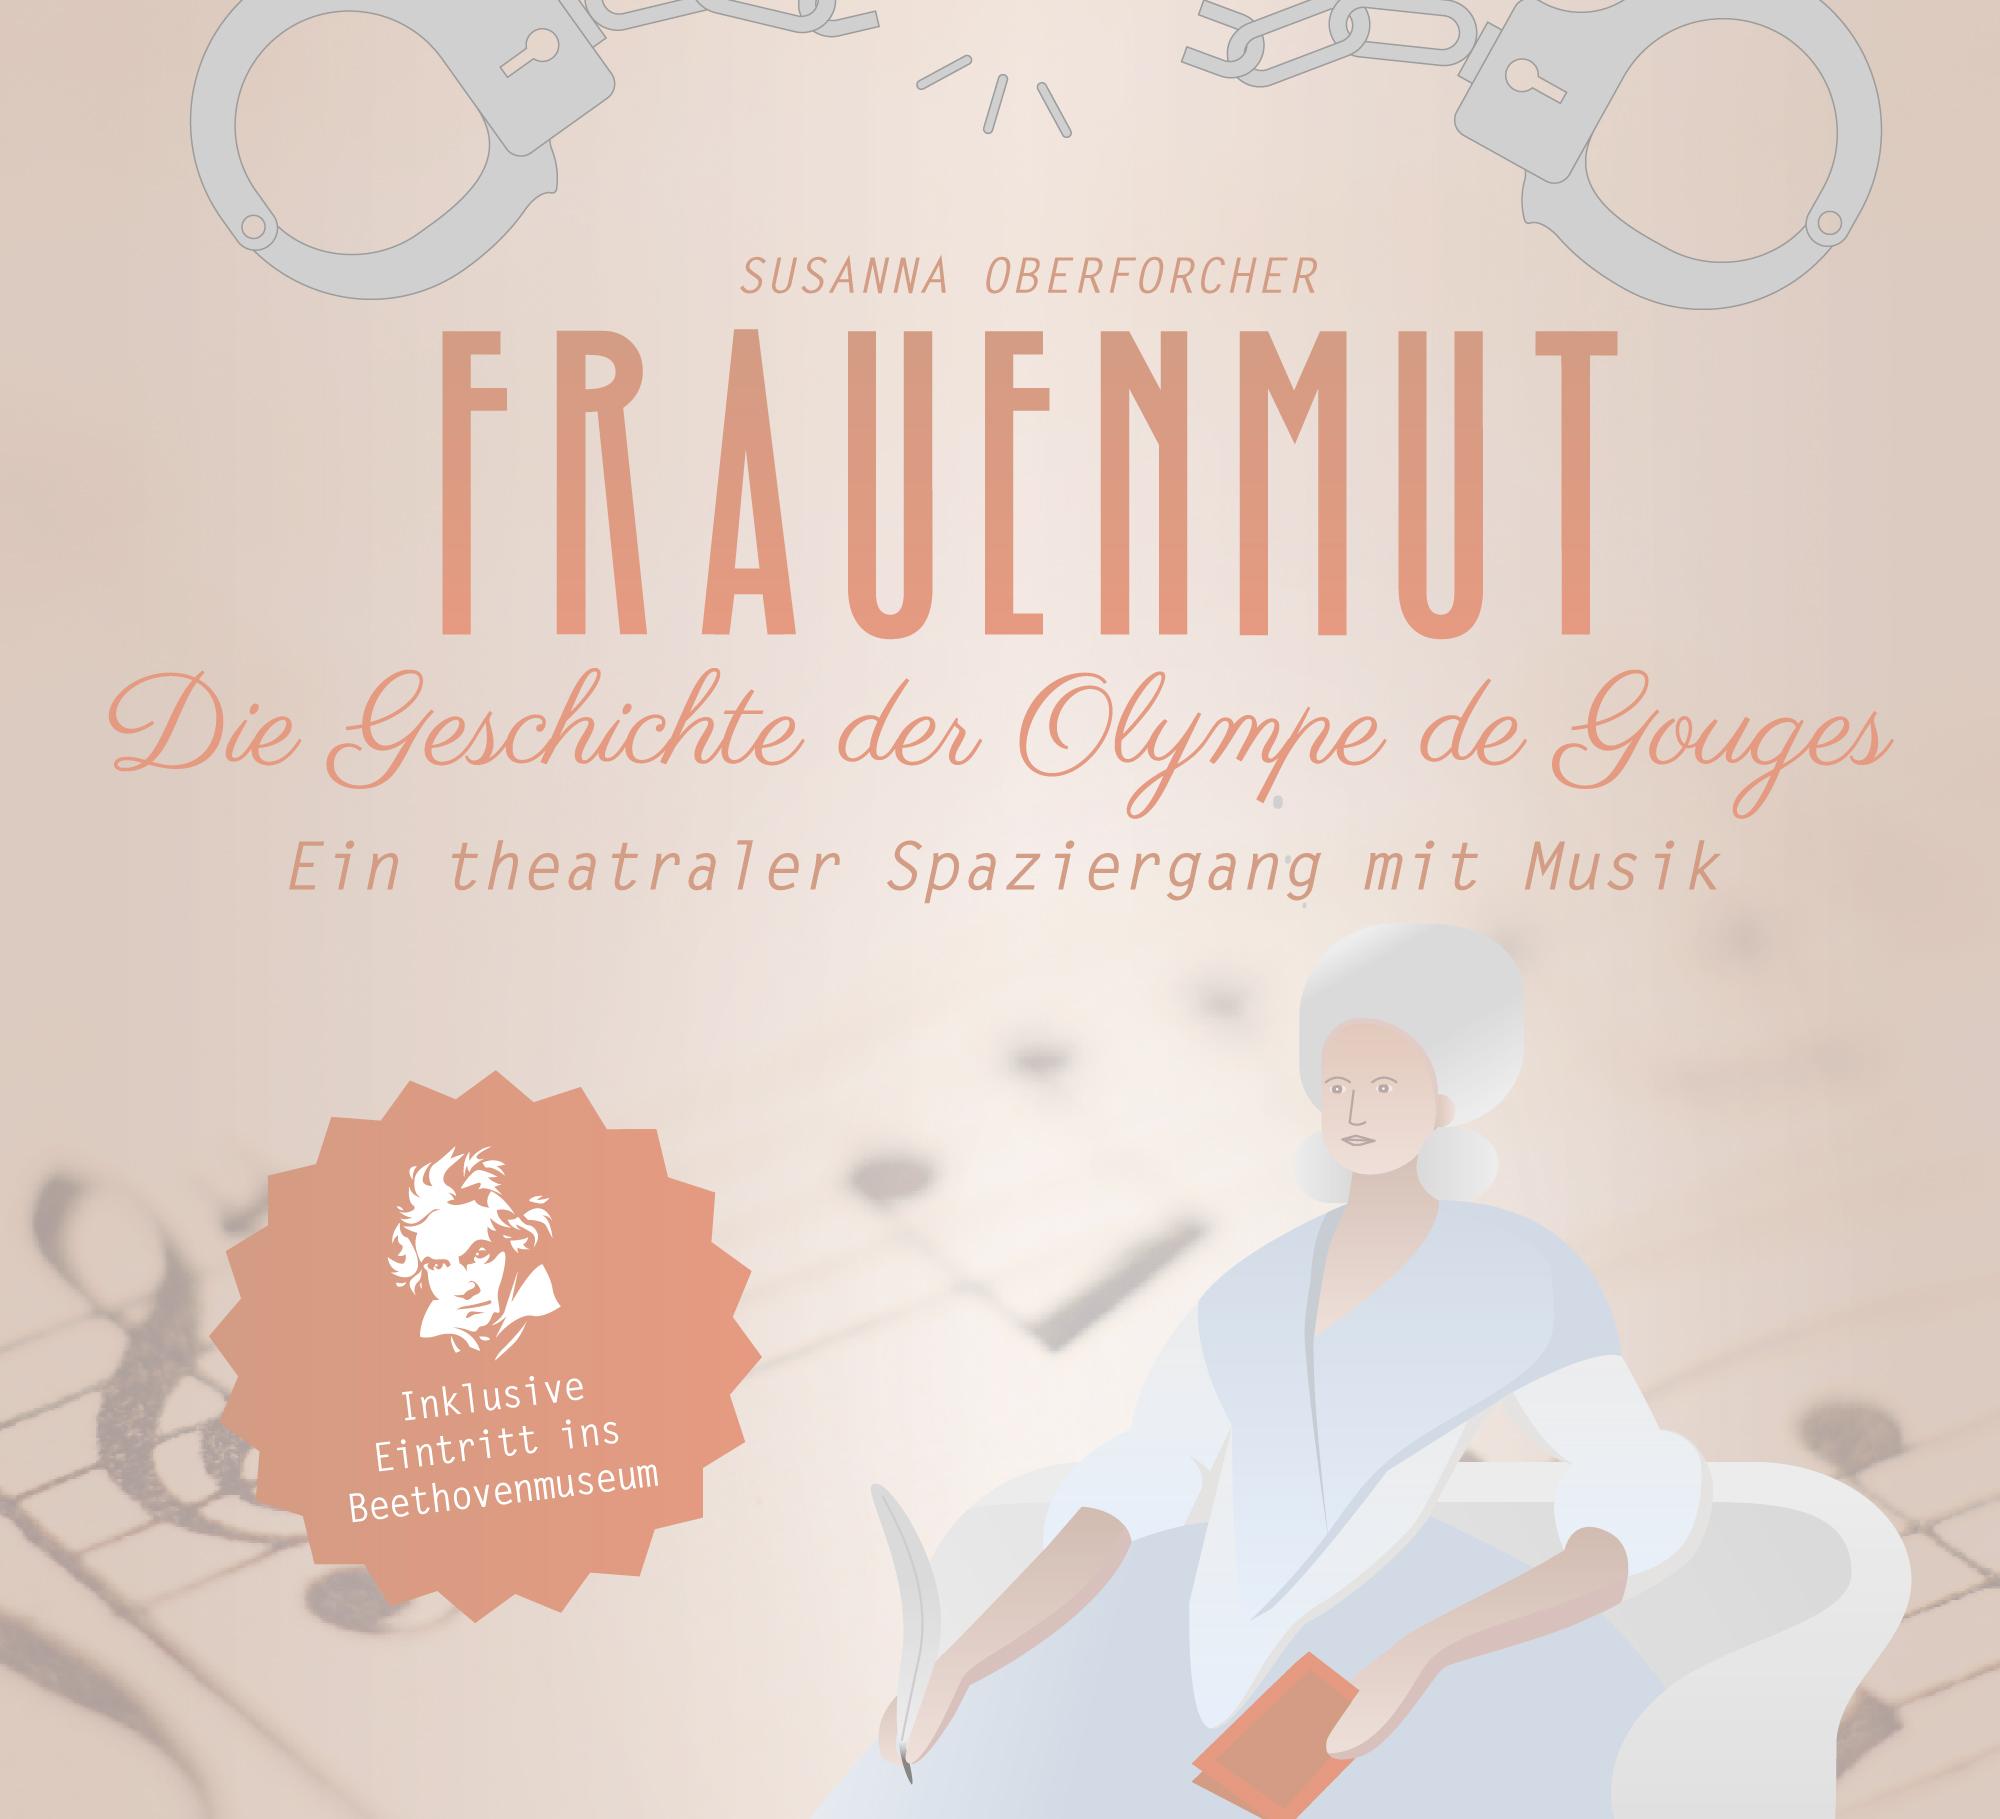 Frauenmut – die Geschichte der Olympe de Gouges